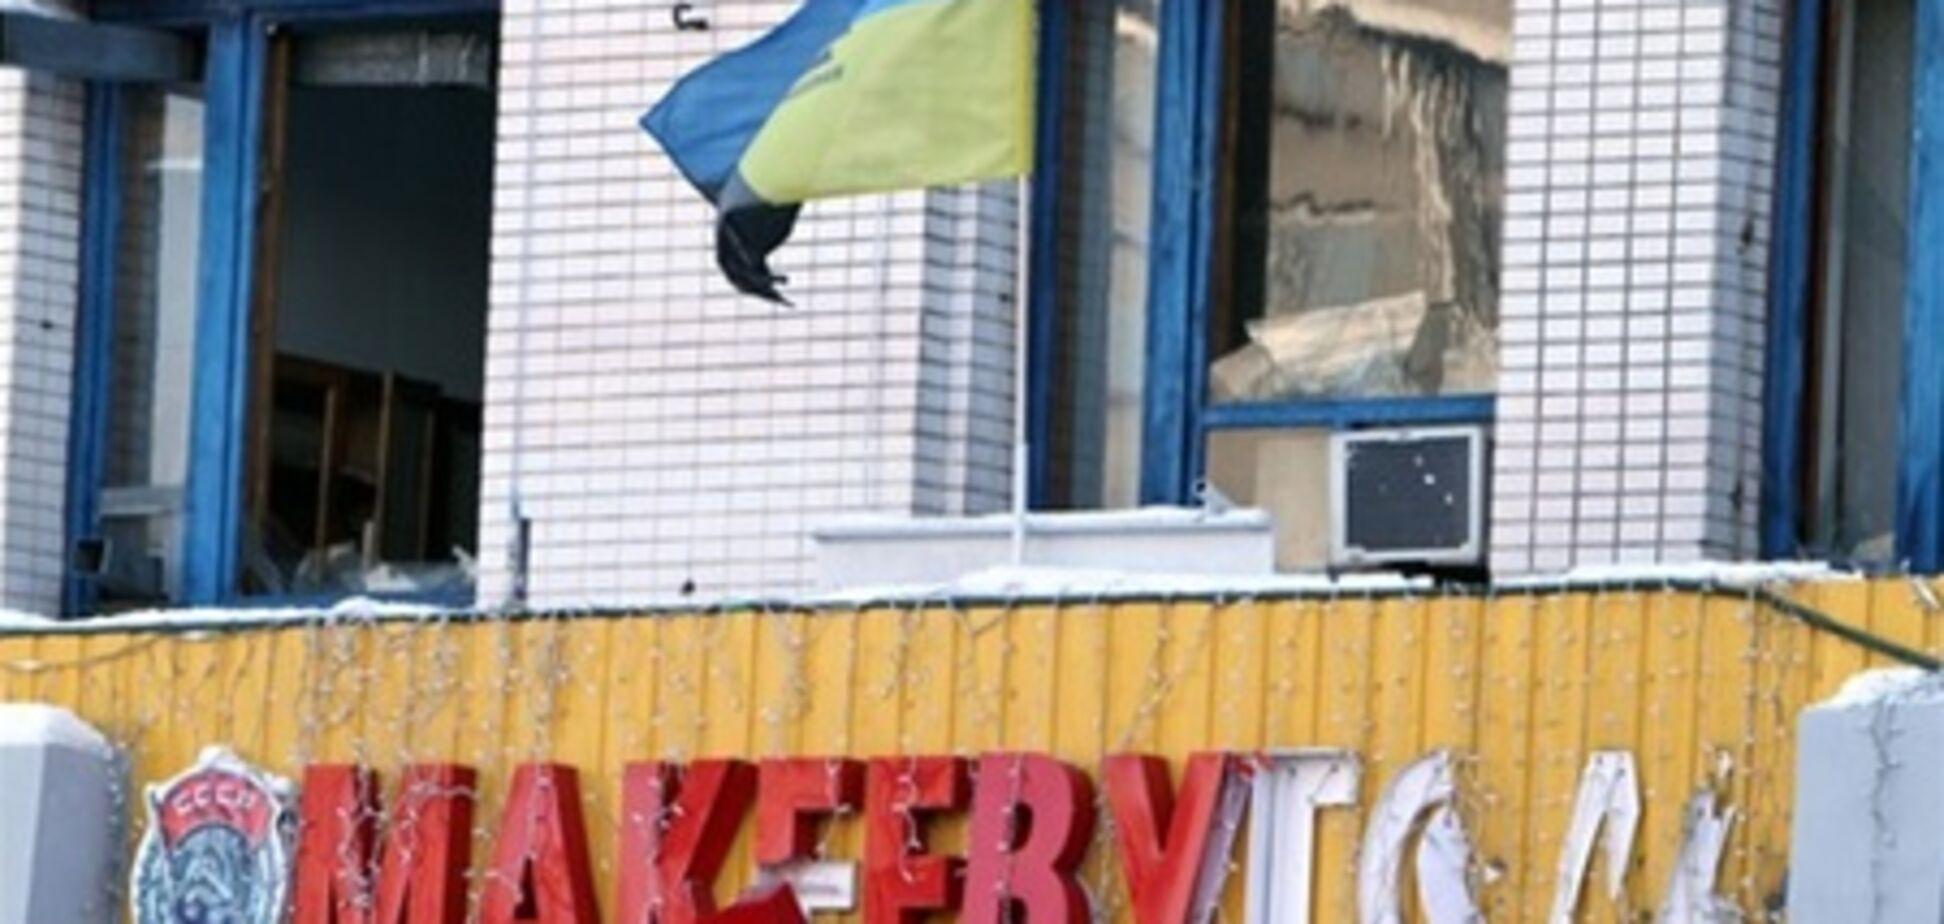 Затримано підозрюваних у вибухах в Макіївці